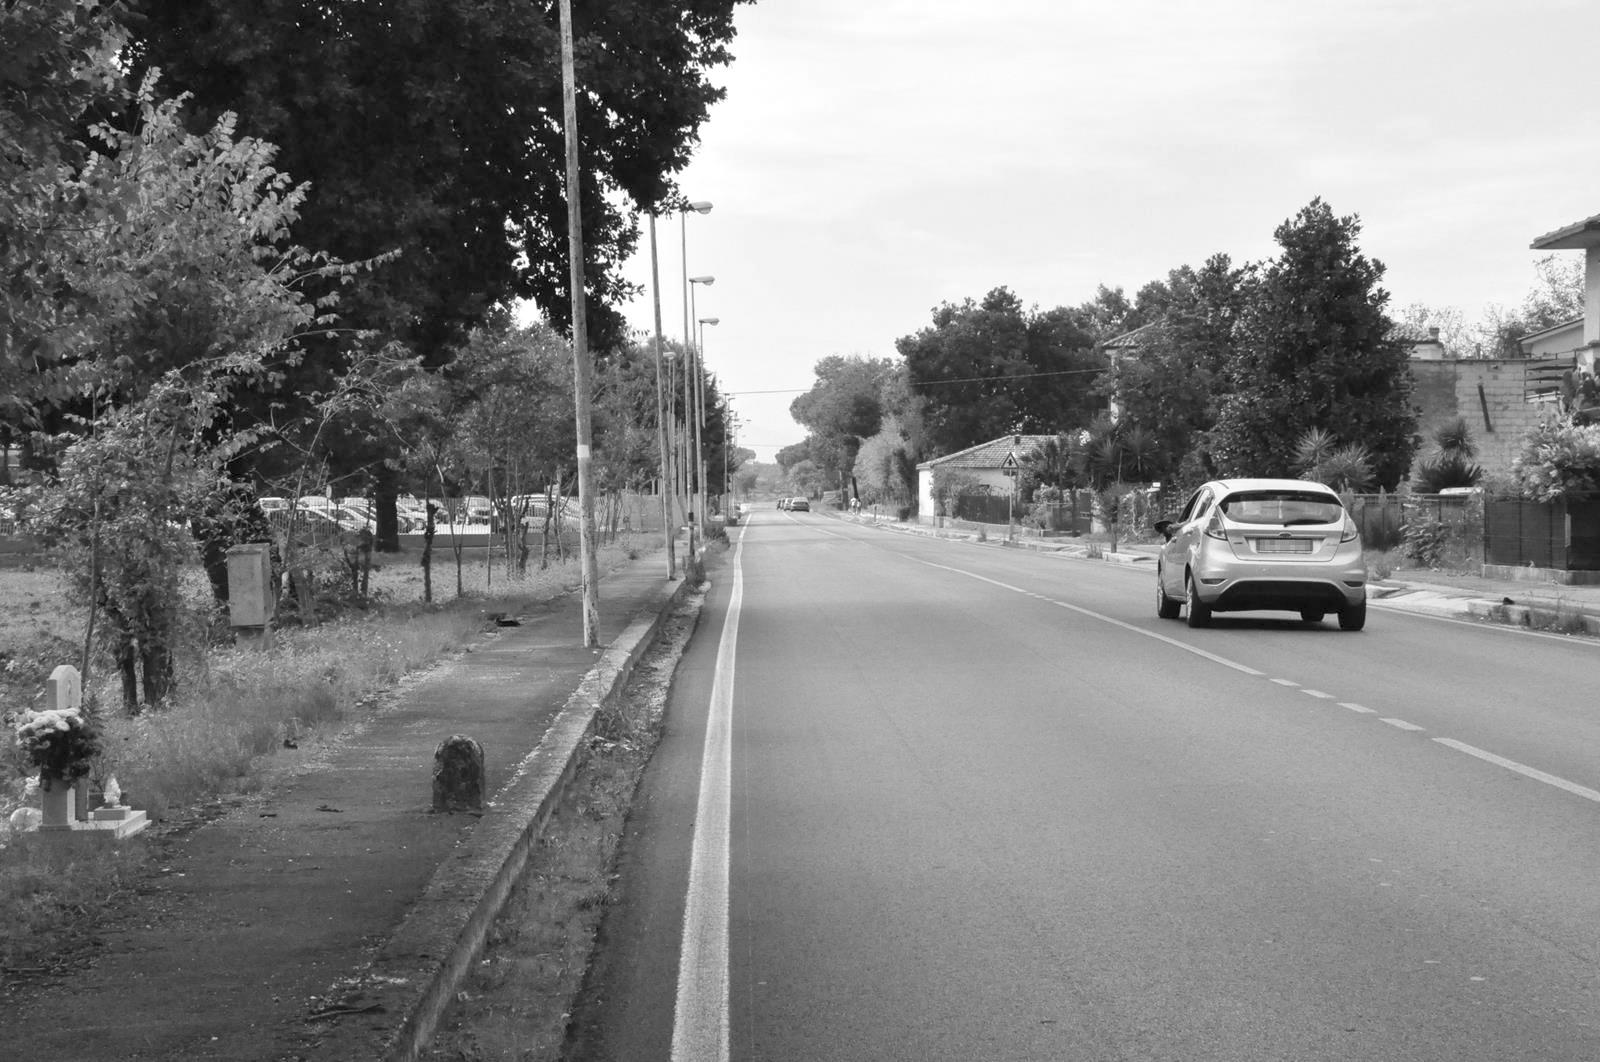 Un lungo rettilineo dà agli automobilisti l'illusione di poter sfrecciare in sicurezza ignorando i limiti di velocità, ma gli incroci mal segnalati, si rivelano spesso mortali.